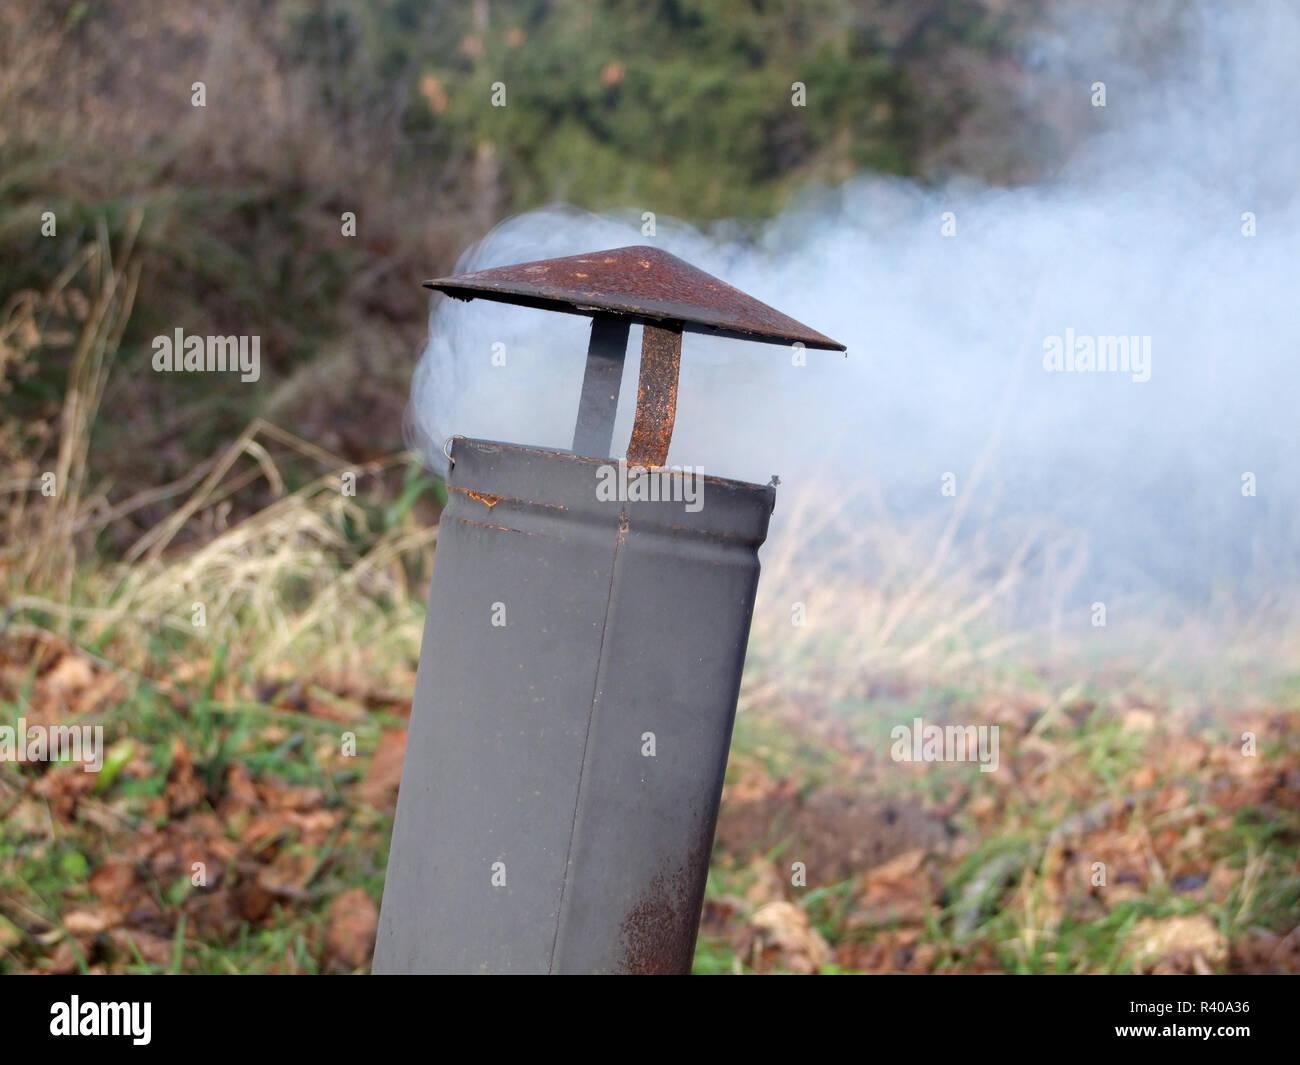 AIR POLLUTION . LUFTVERSCHMUTZUNG Stock Photo